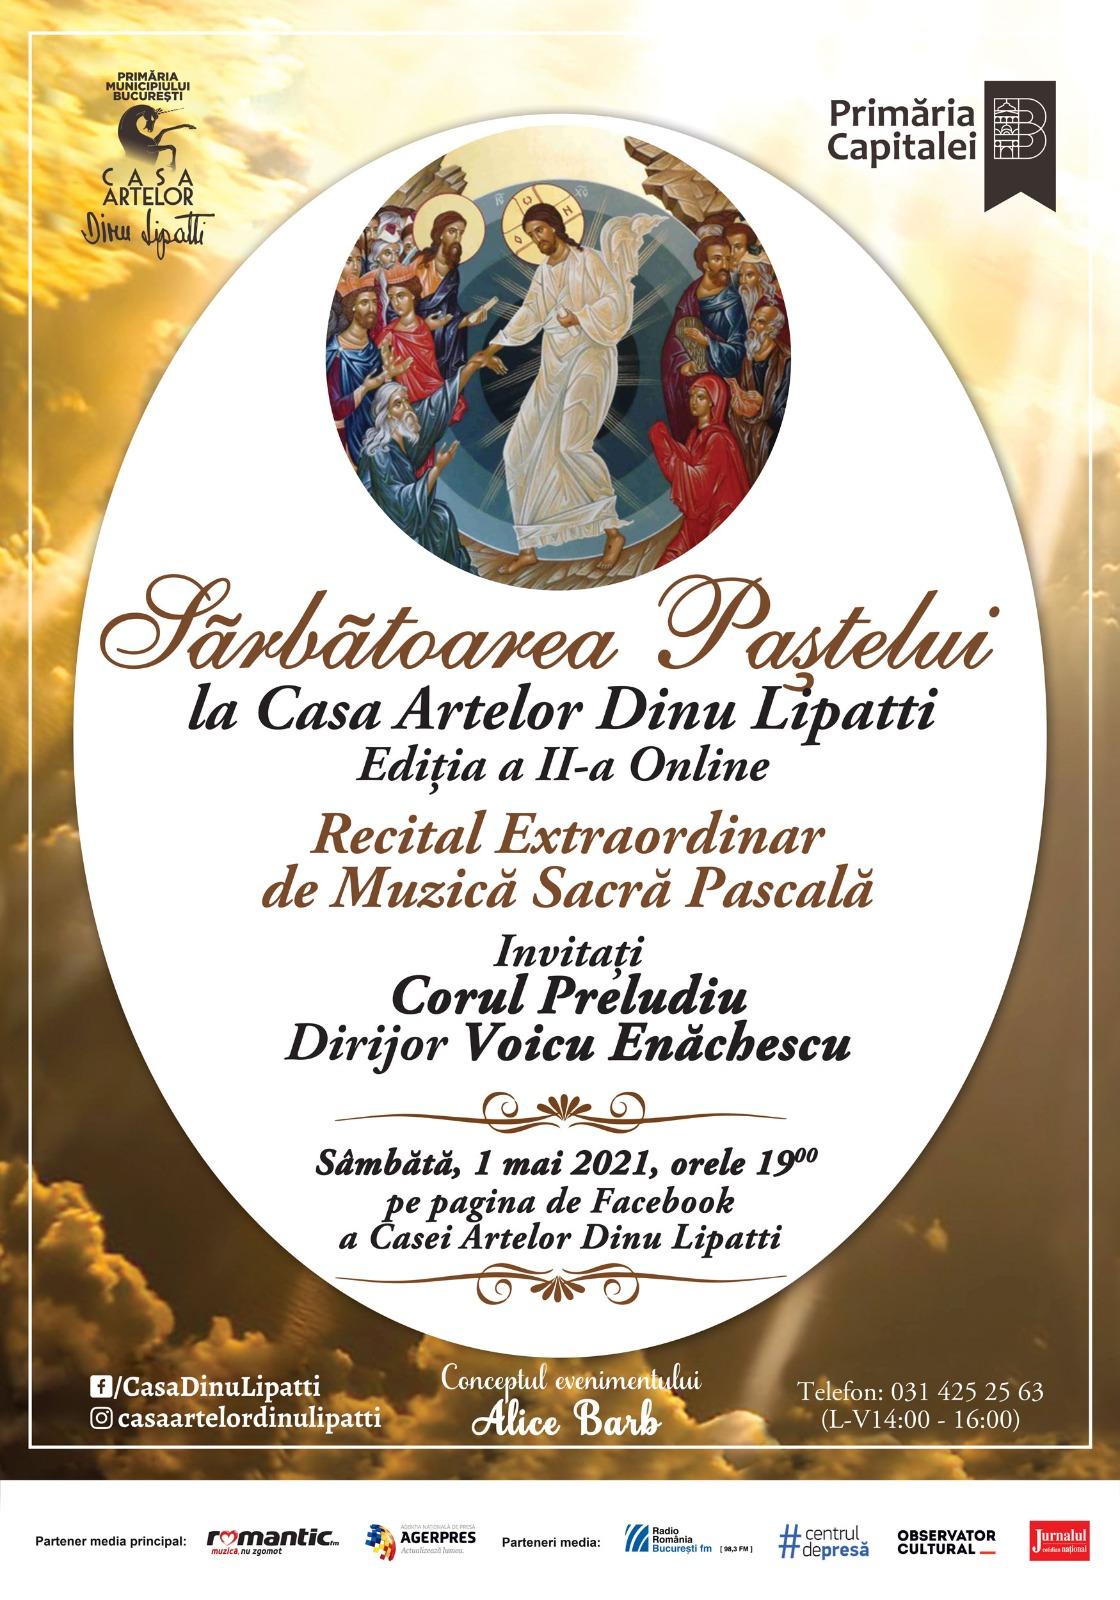 Sărbătoarea Paștelui la Casa Artelor Dinu Lipatti Ediția a II-a Online